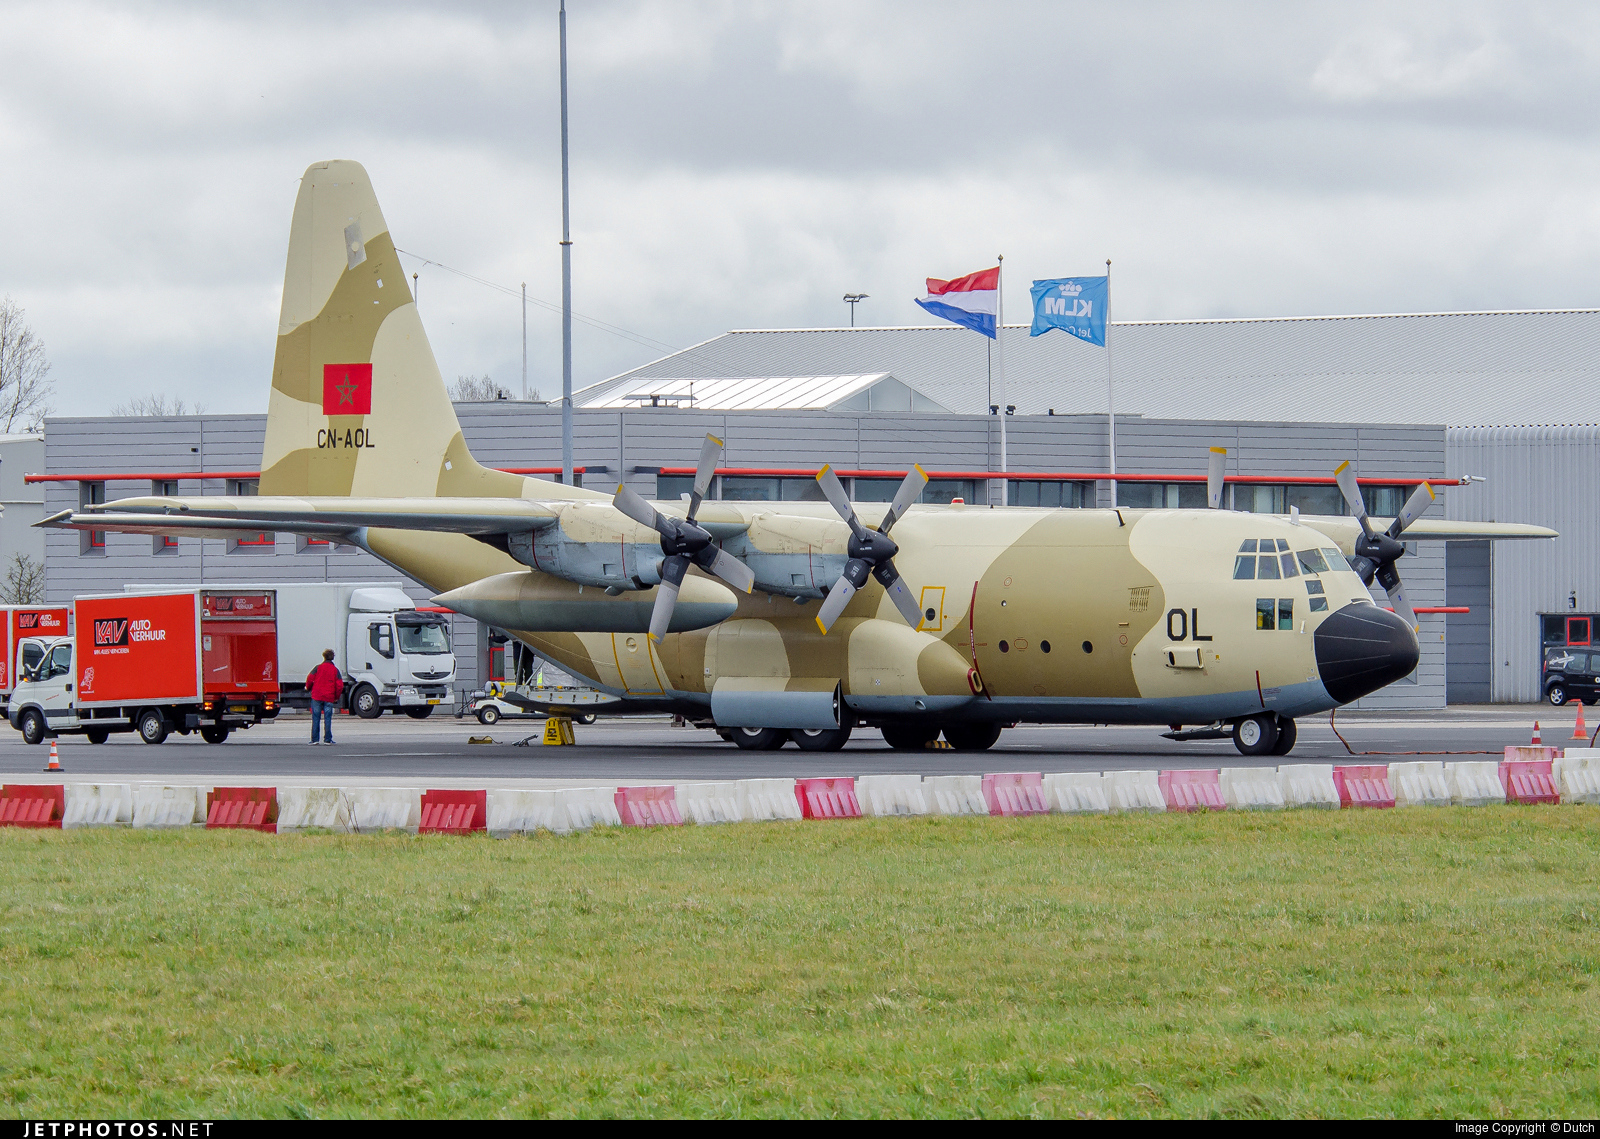 FRA: Photos d'avions de transport - Page 27 160408090002888742